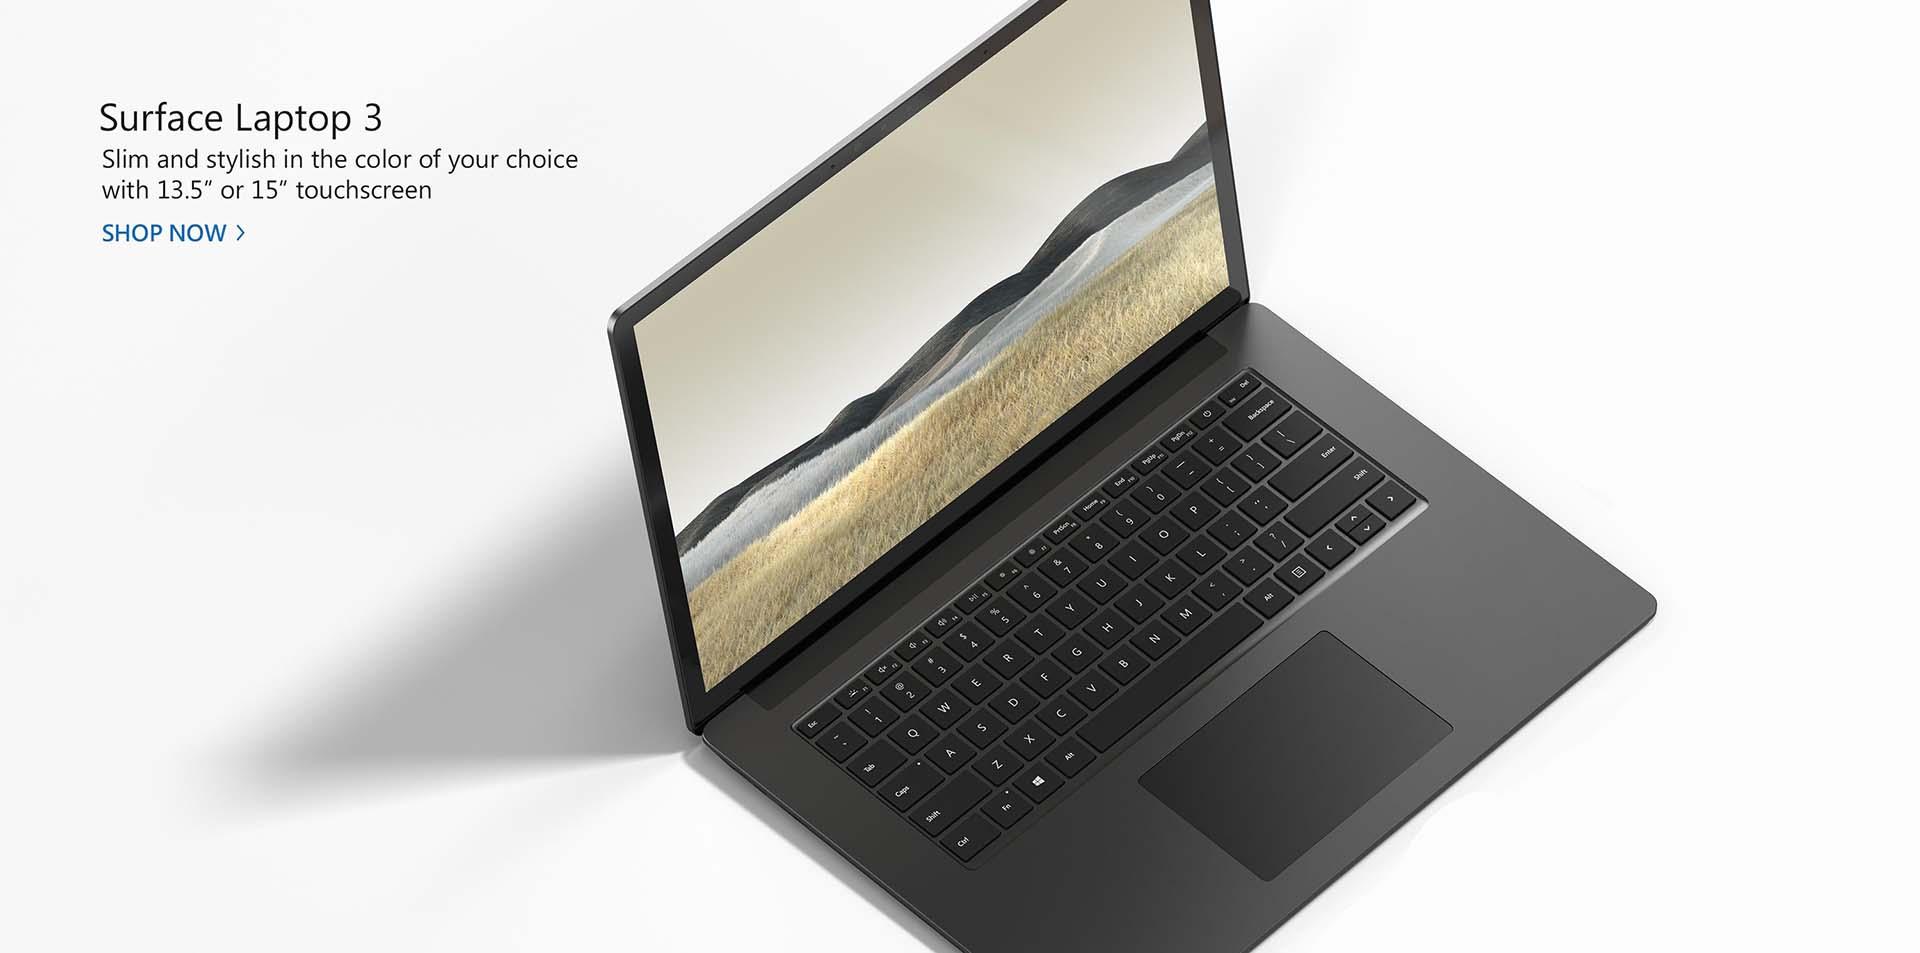 Microsoft surface laptop 3 malaysia